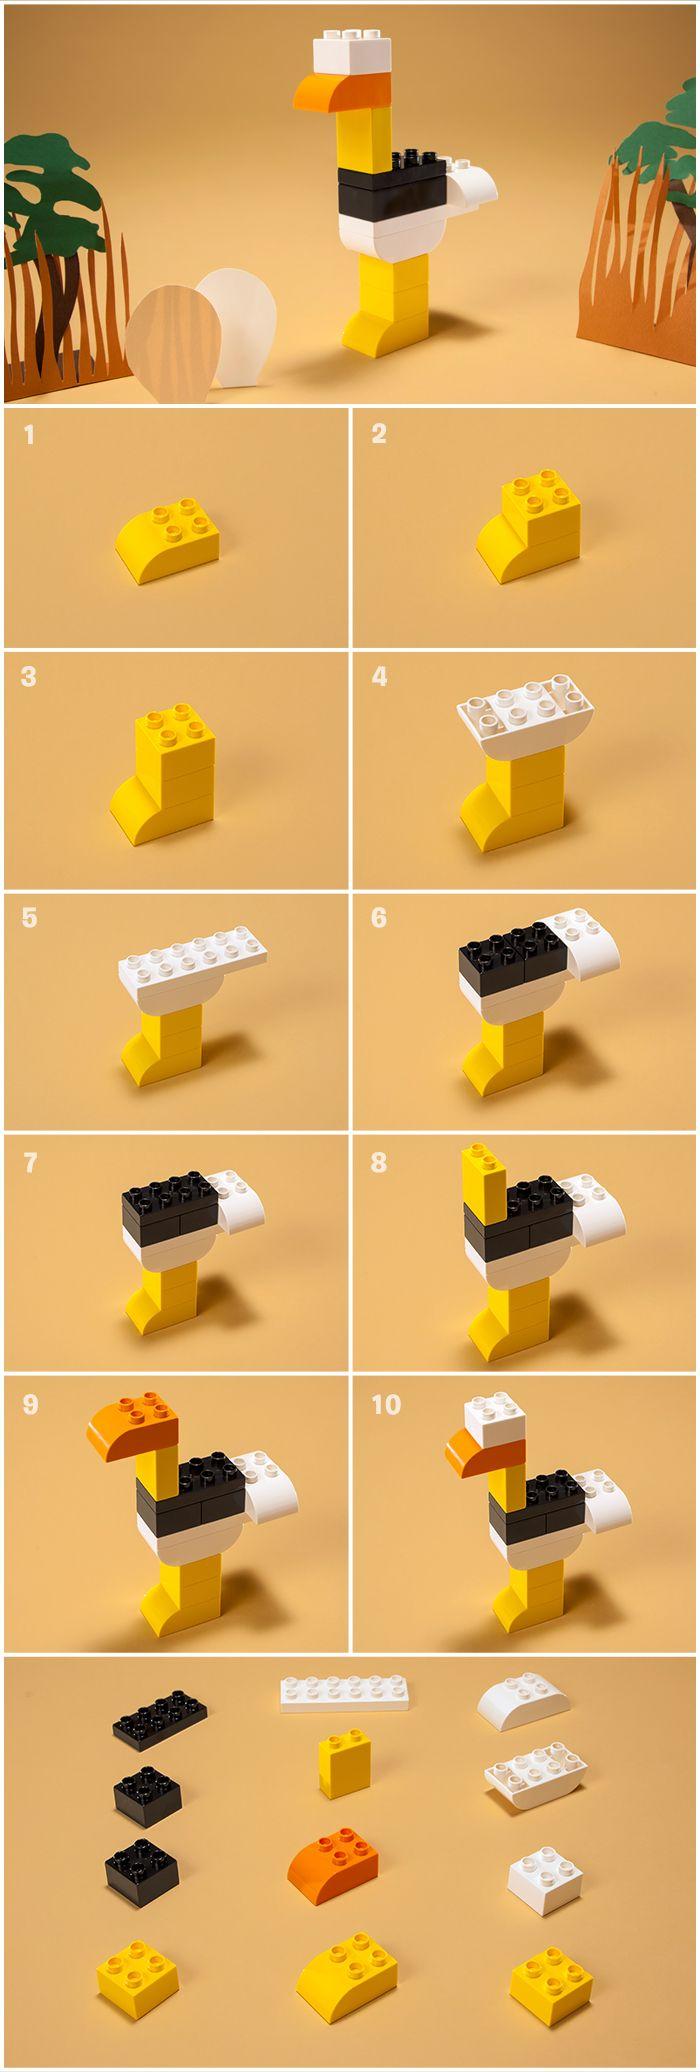 finde heraus wie sich 12 steine in einen riesenvogel verwandeln lassen artikel family lego. Black Bedroom Furniture Sets. Home Design Ideas